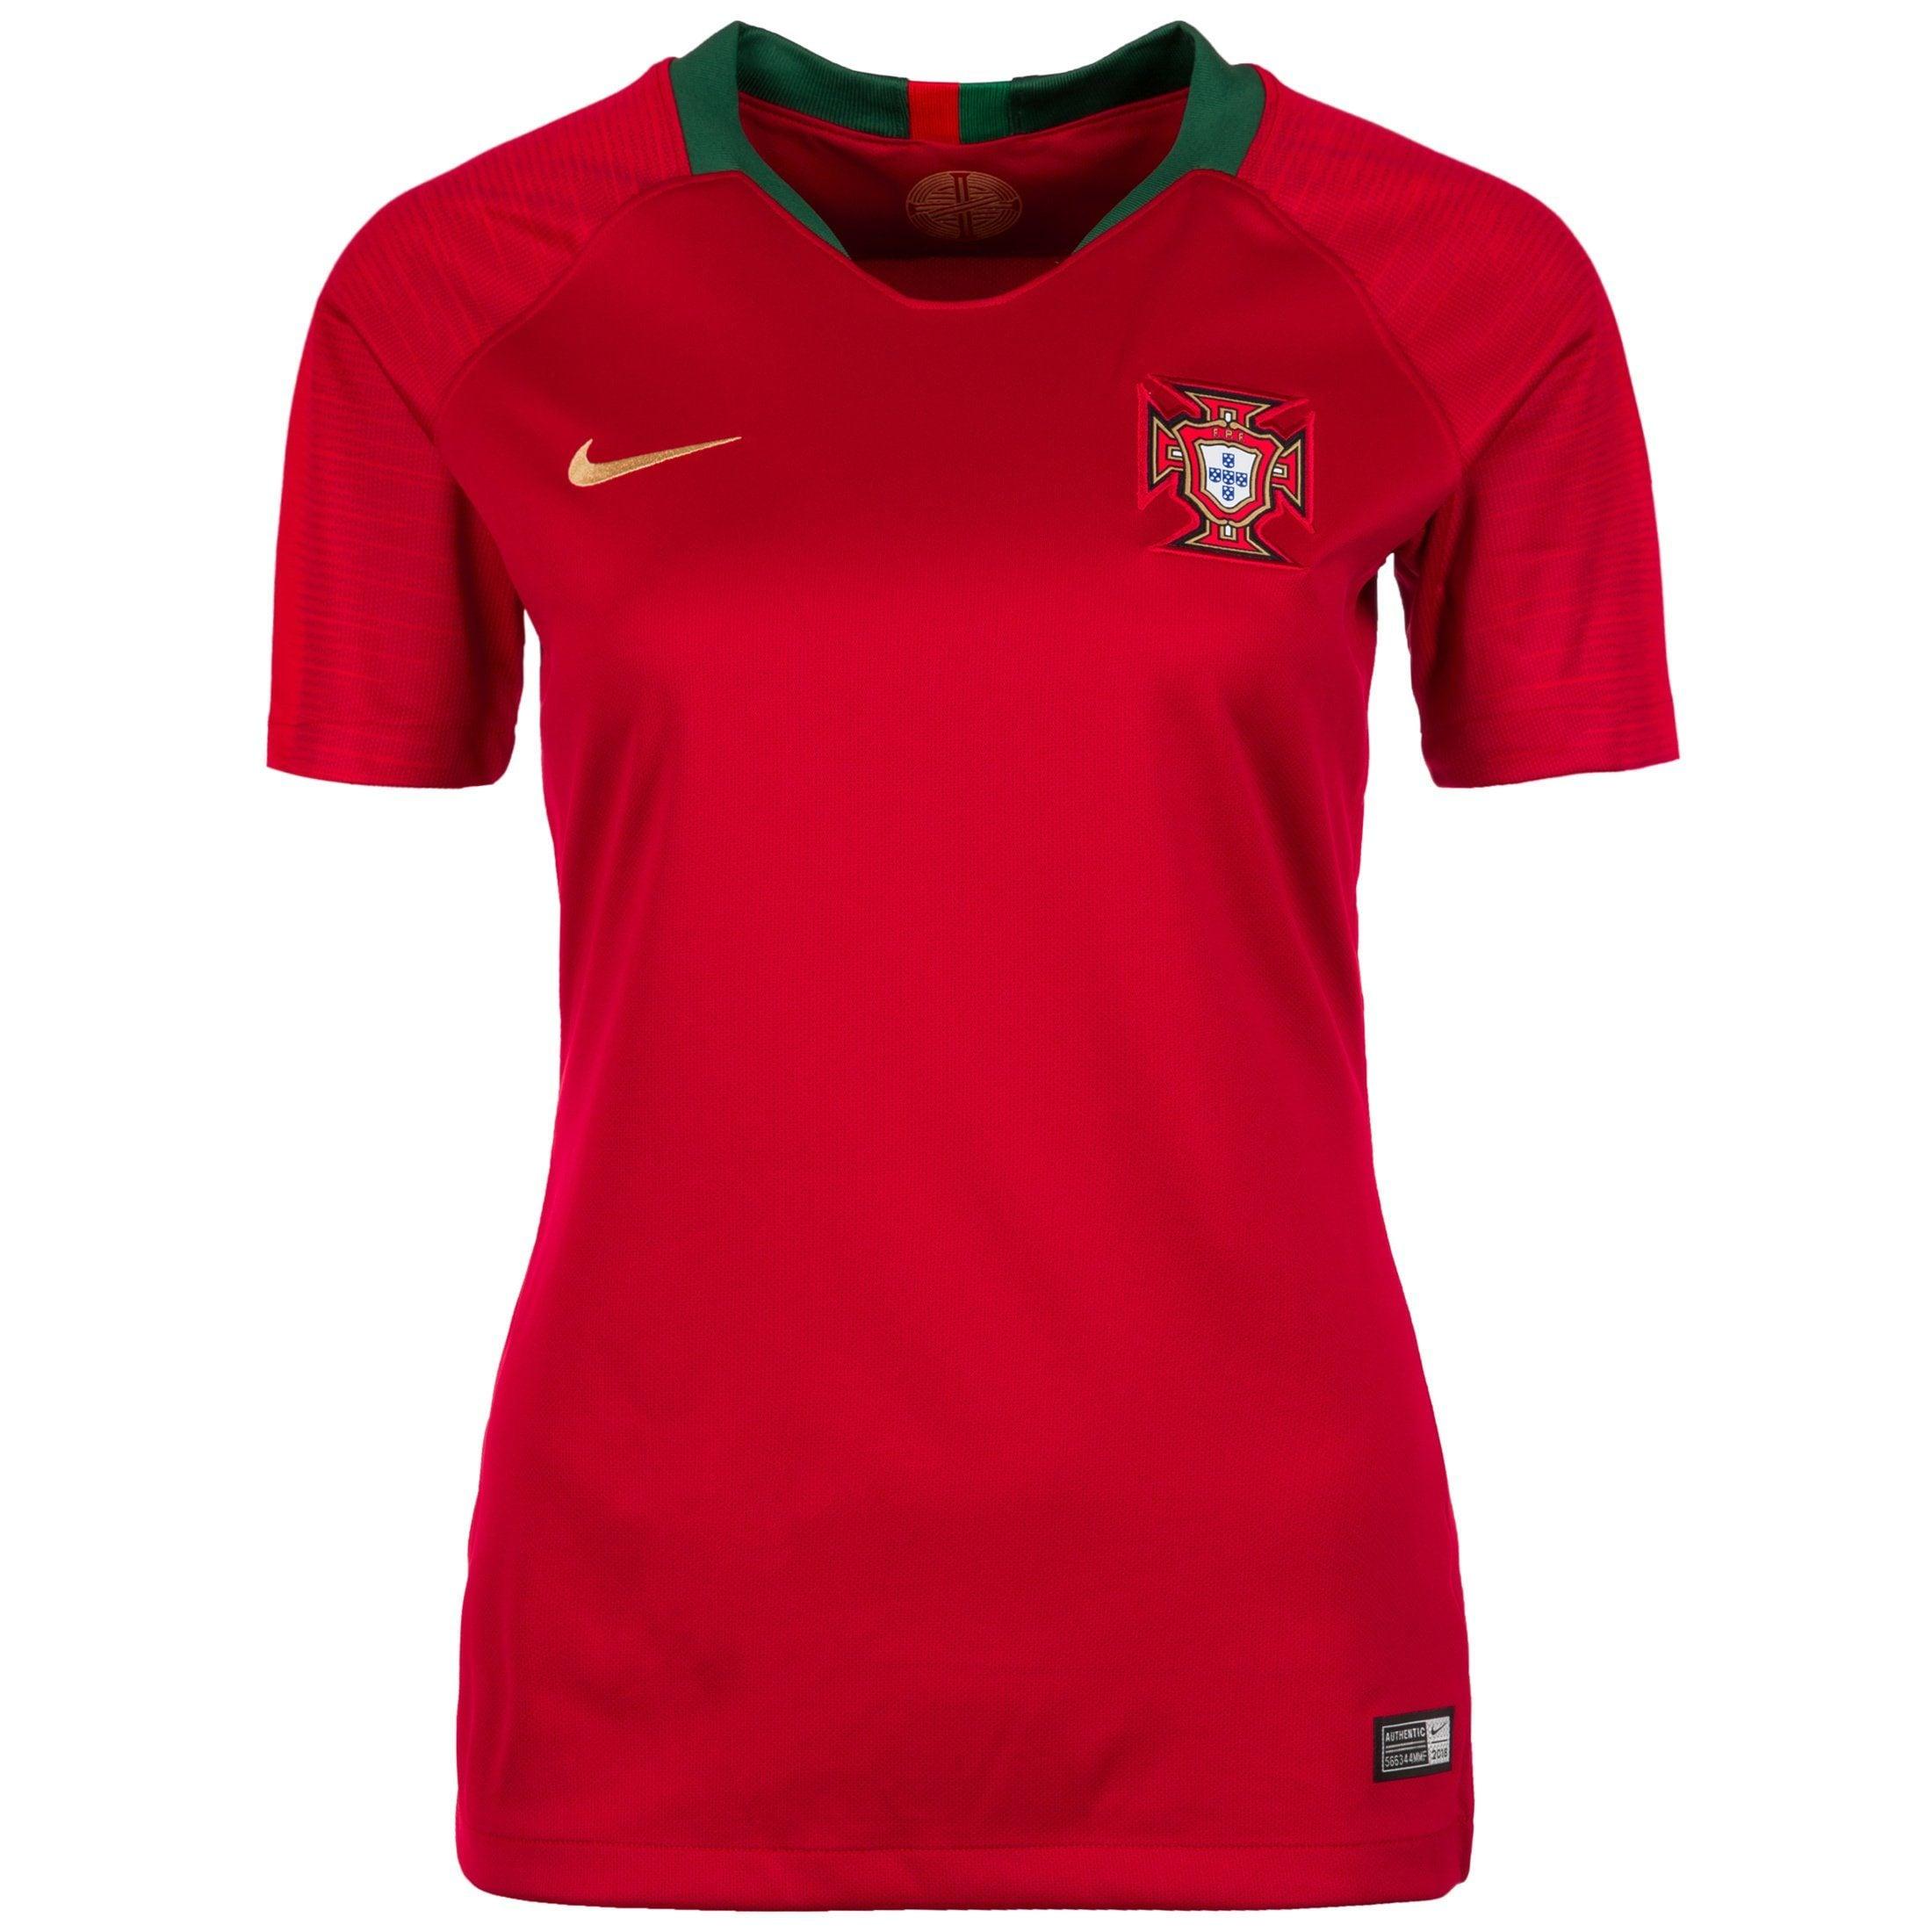 Sportbekleidung » Damen-Trikots online kaufen